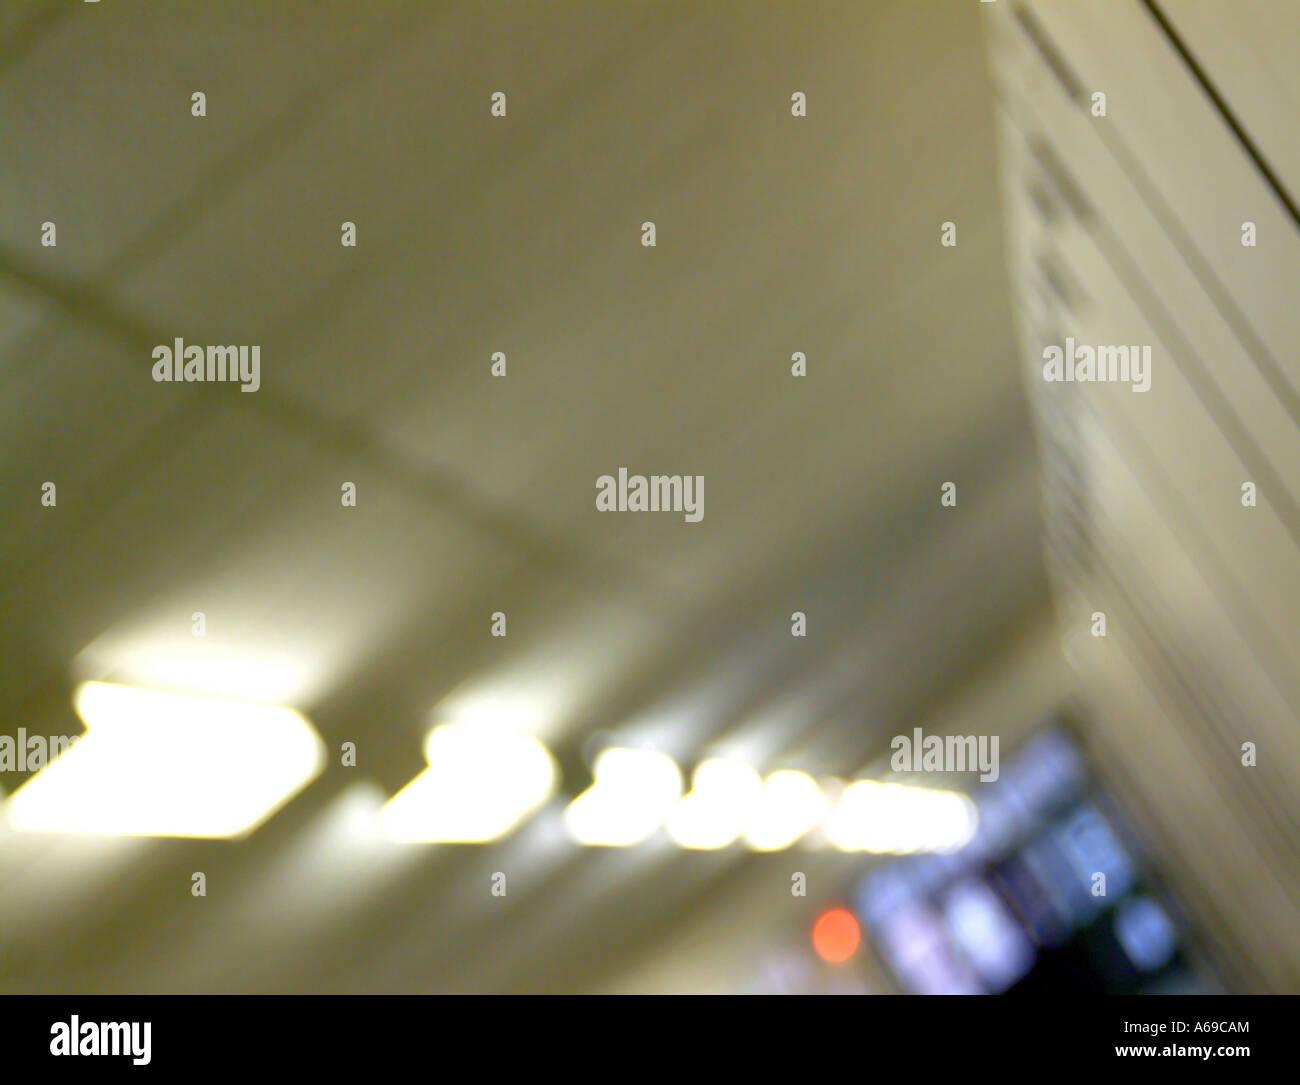 Résumé d'architecture floue de couloir de l'éclairage. Photo Stock